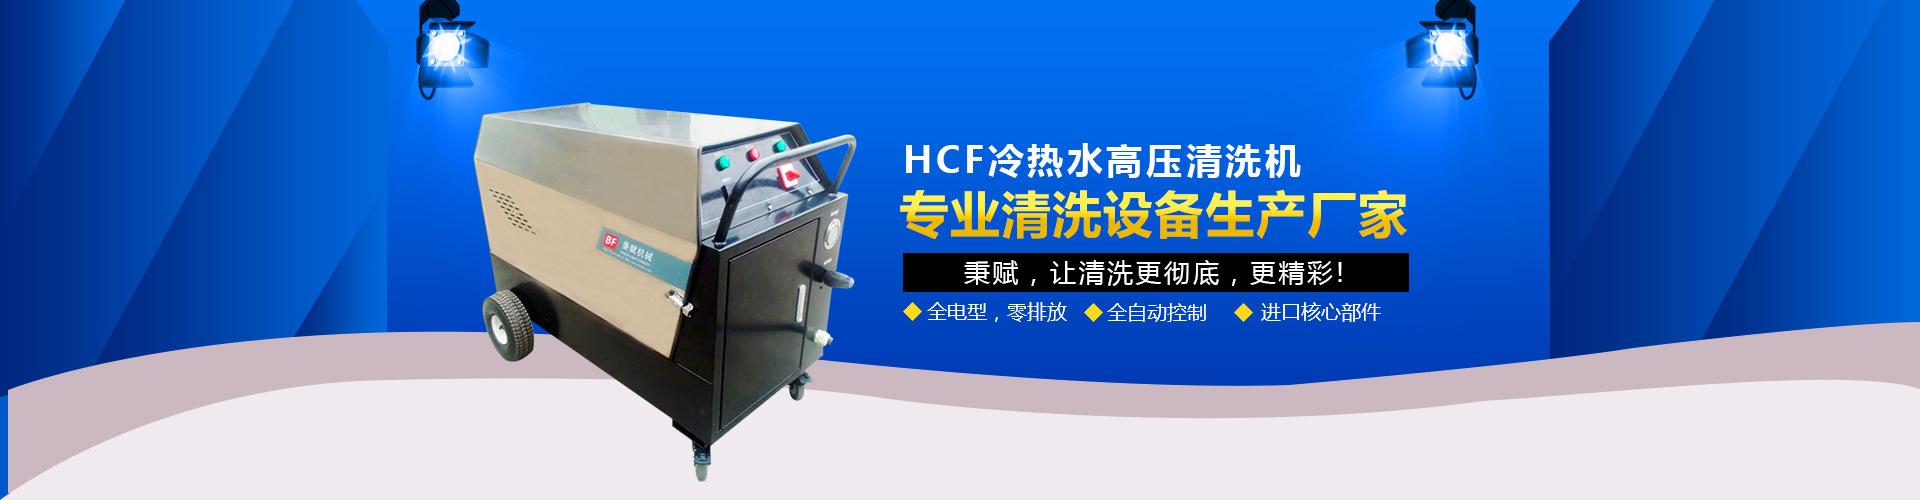 HCF高压清洗机